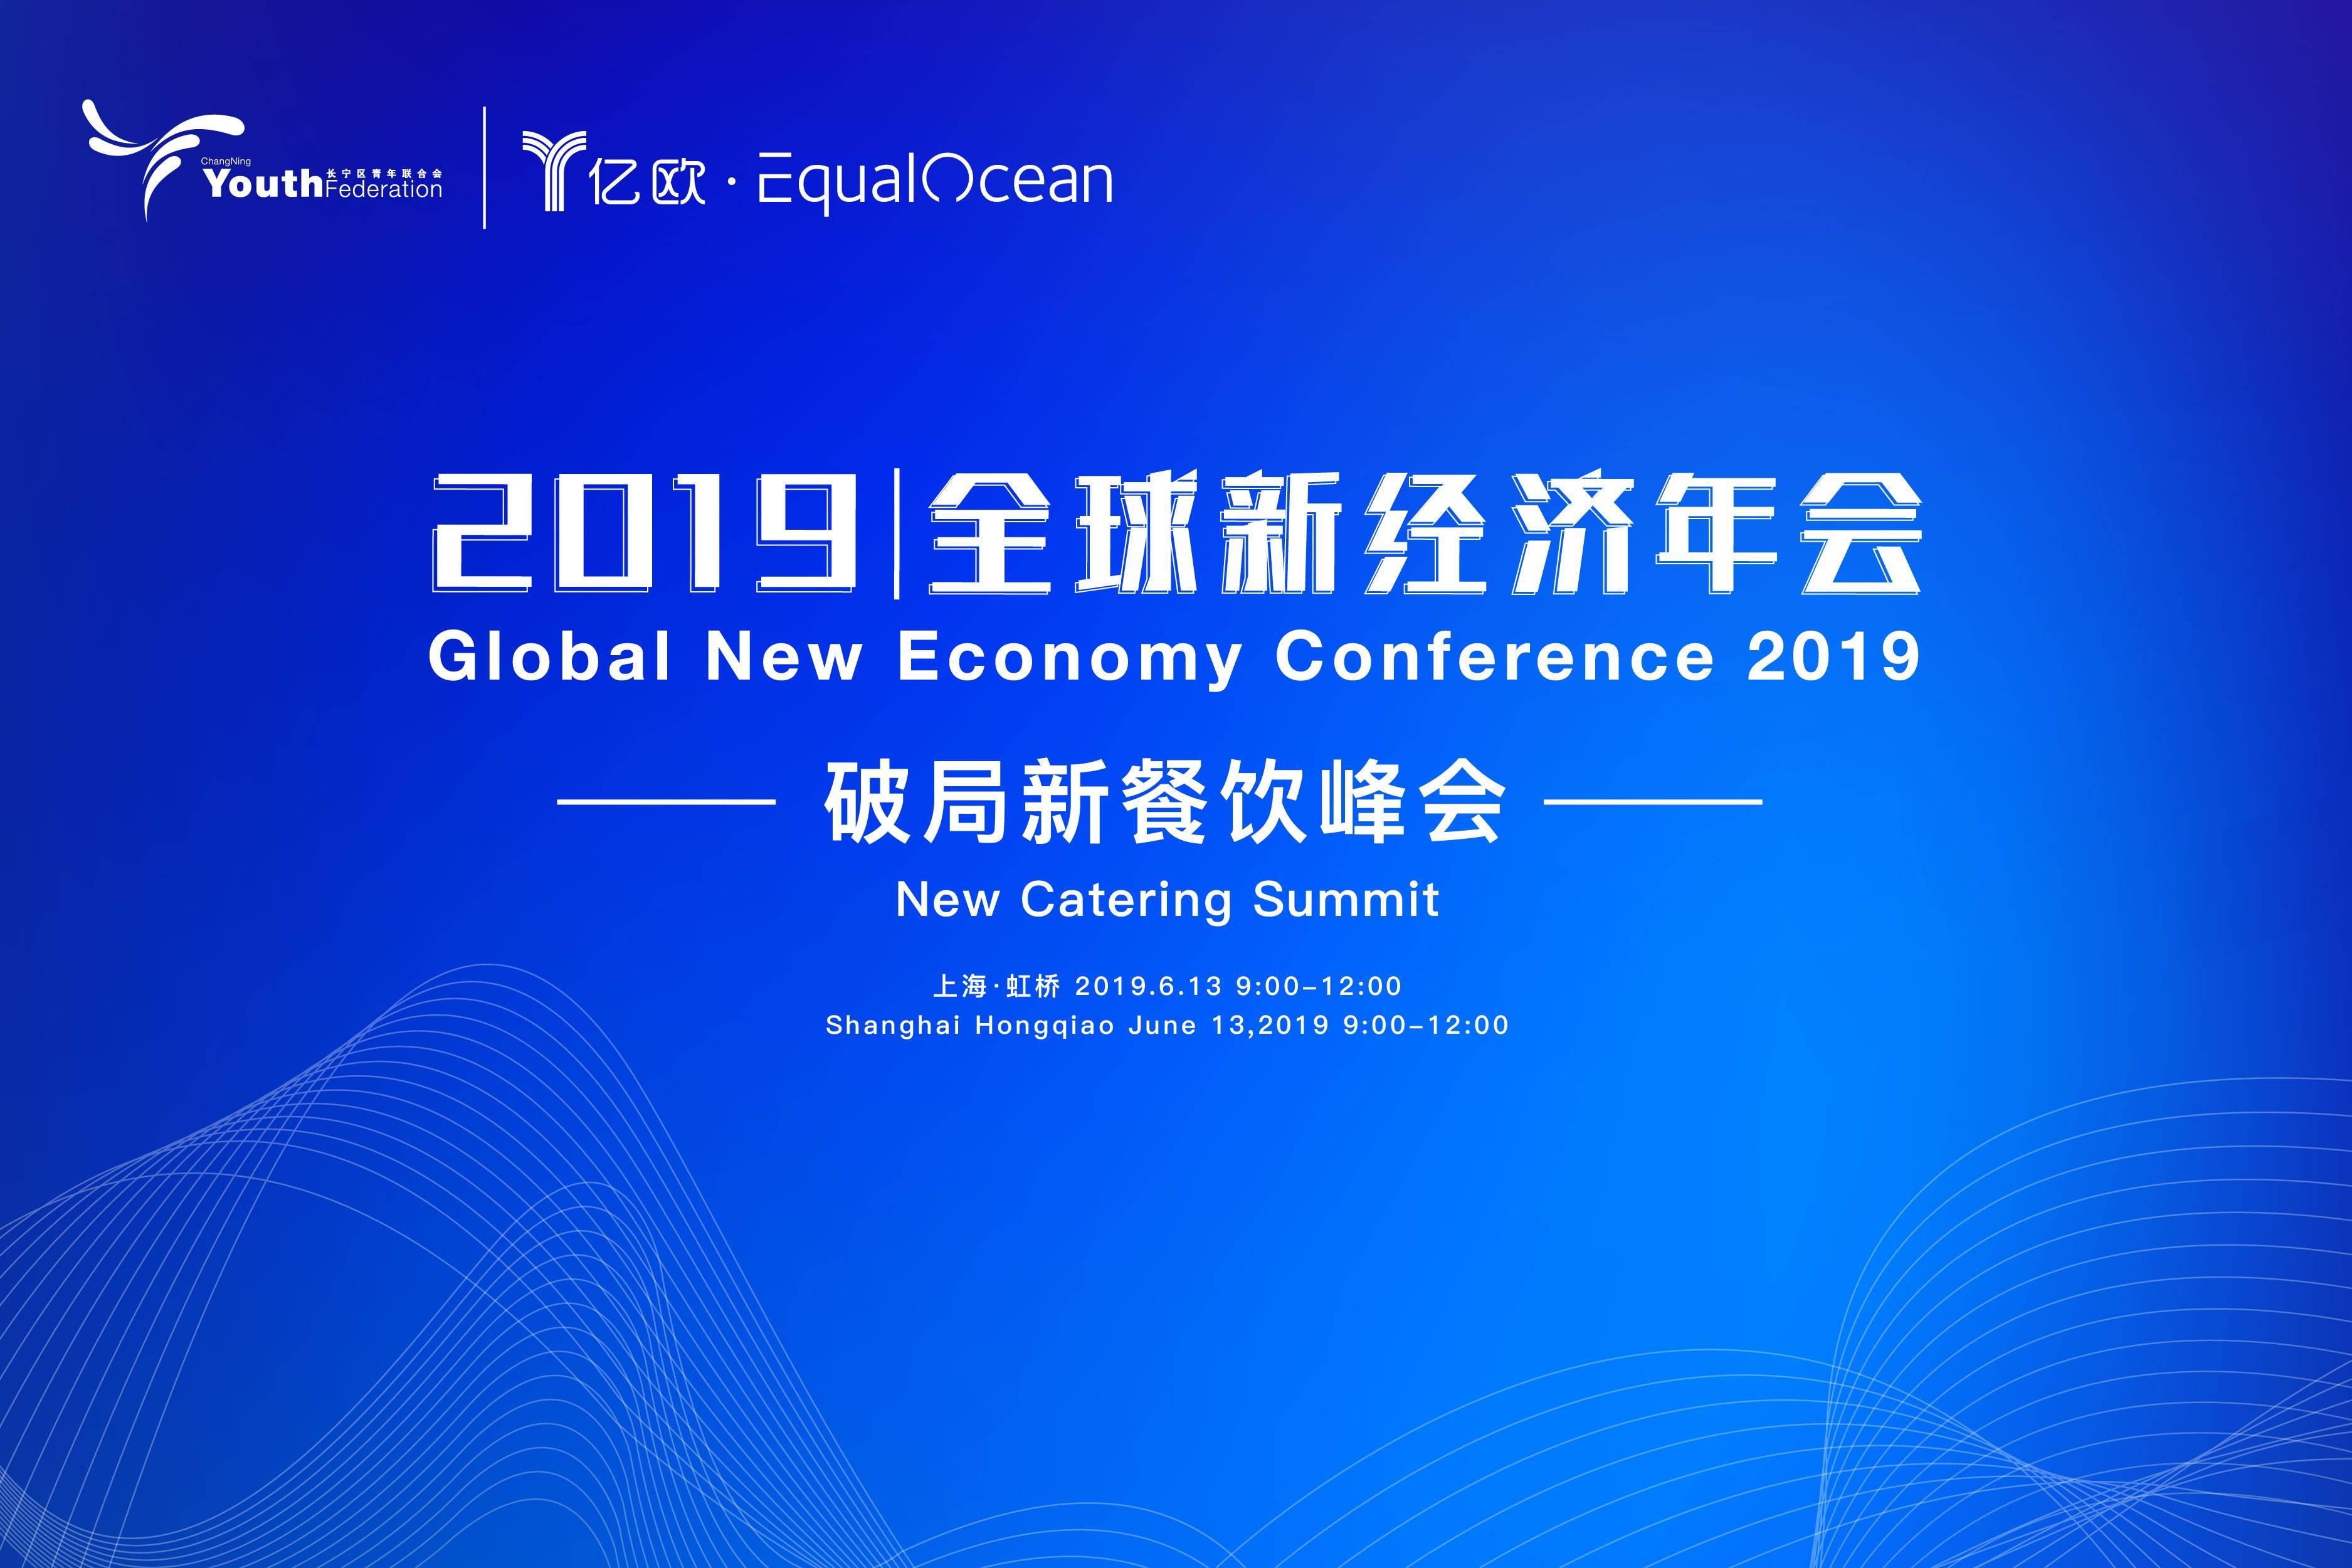 2019全球新经济年会-破局新餐饮峰会